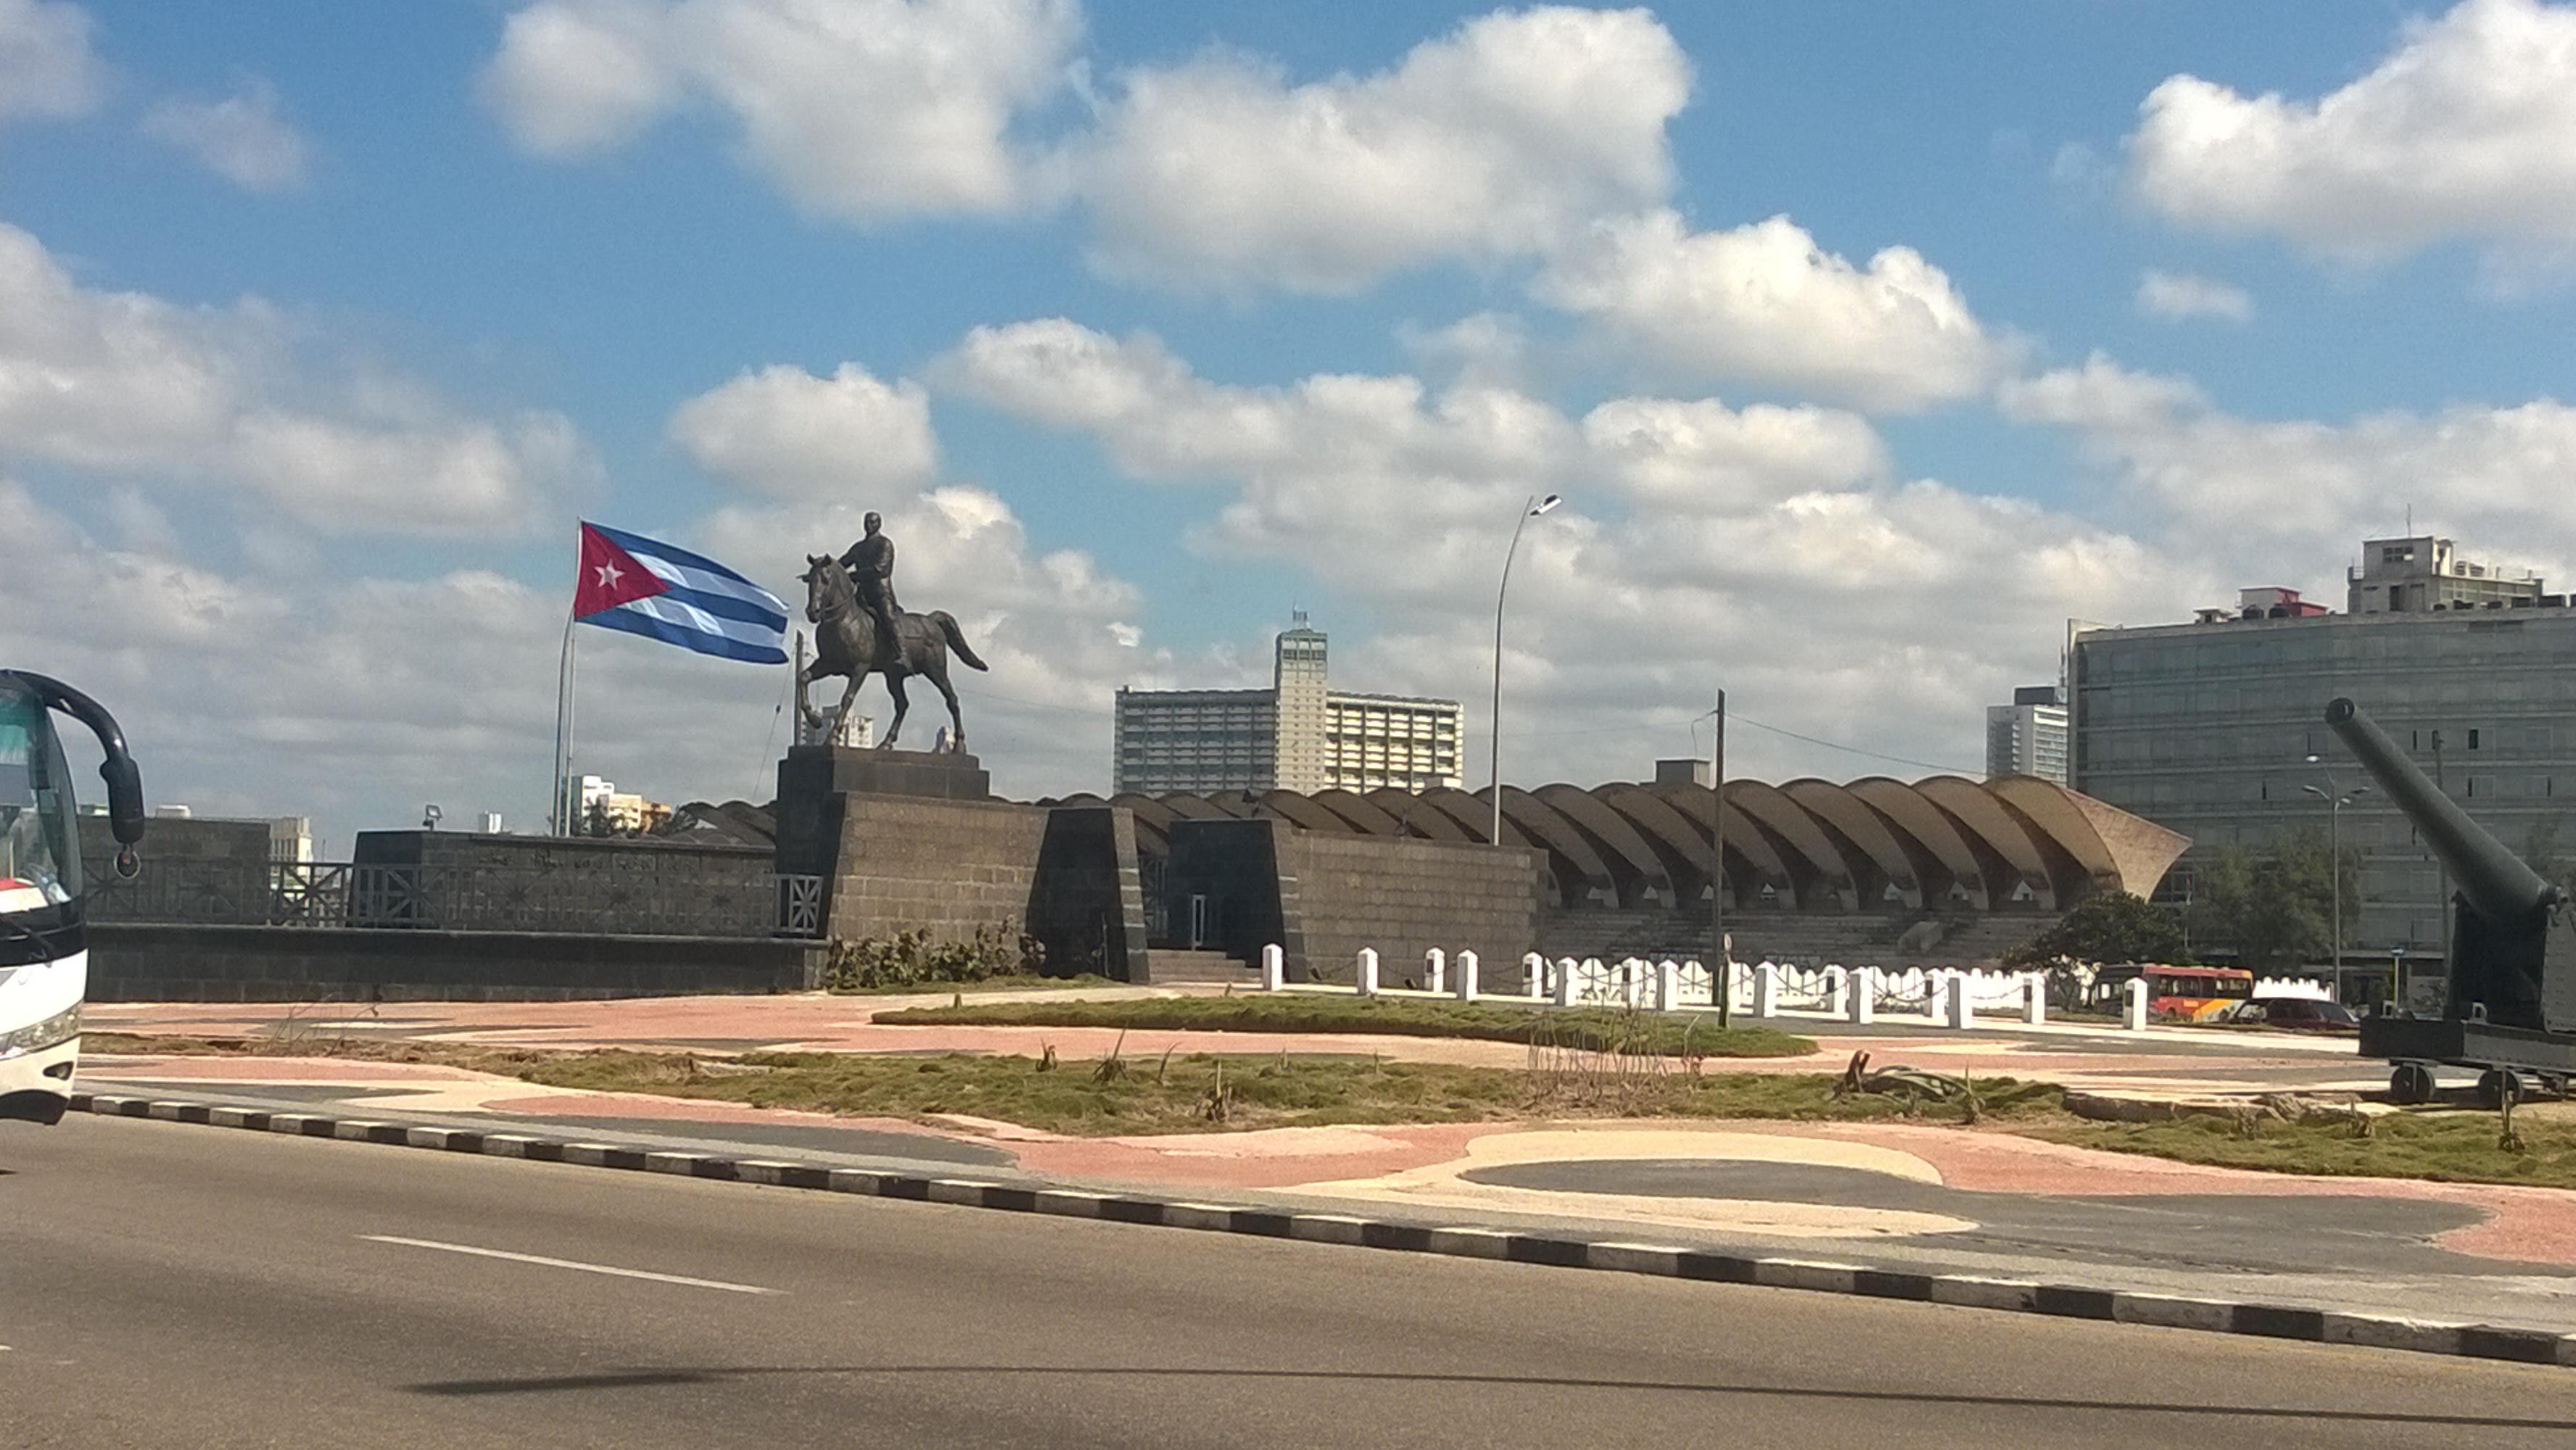 Malecon - Cuba : Un paradis inexploré pour les backpackers - Nomad Junkies